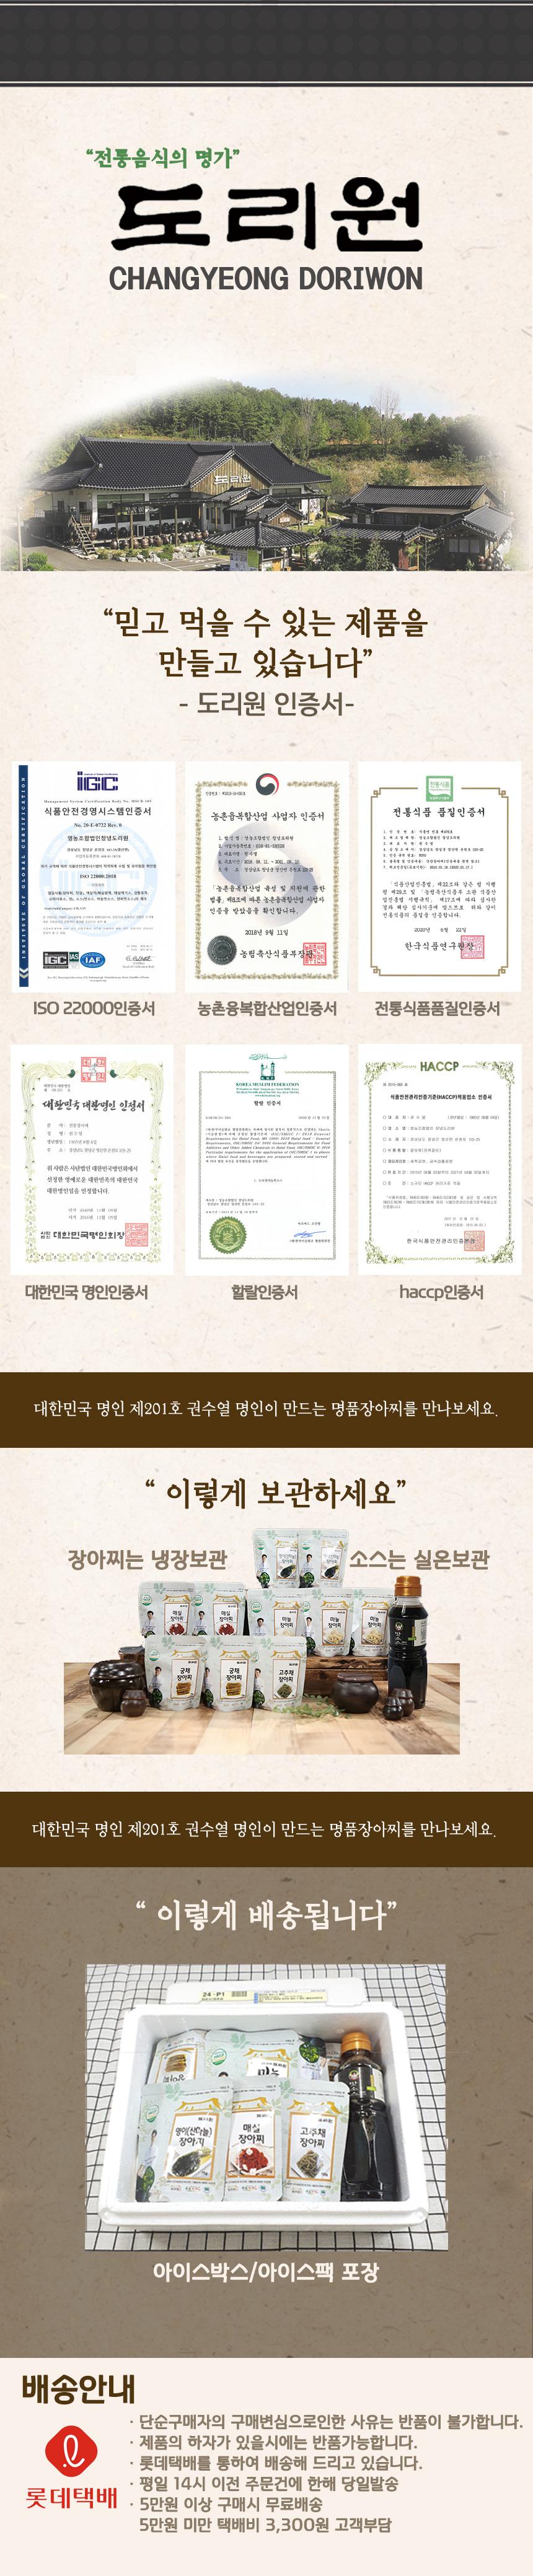 [도리원]-권수열명인의-명품-장아찌패키지_상세이미지수정_03.jpg